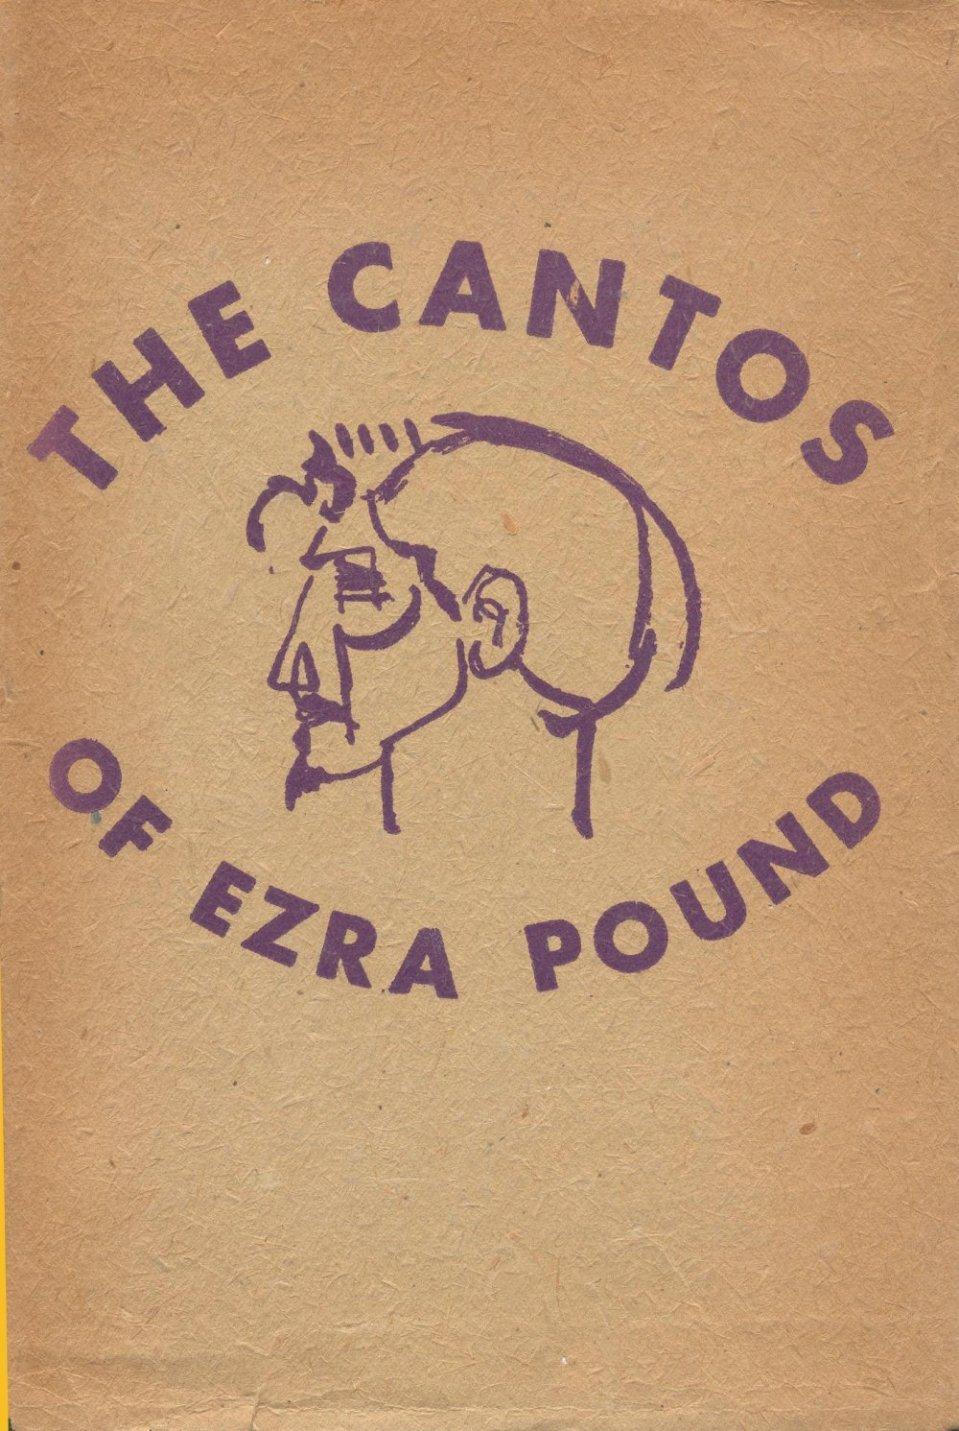 PoundCantos